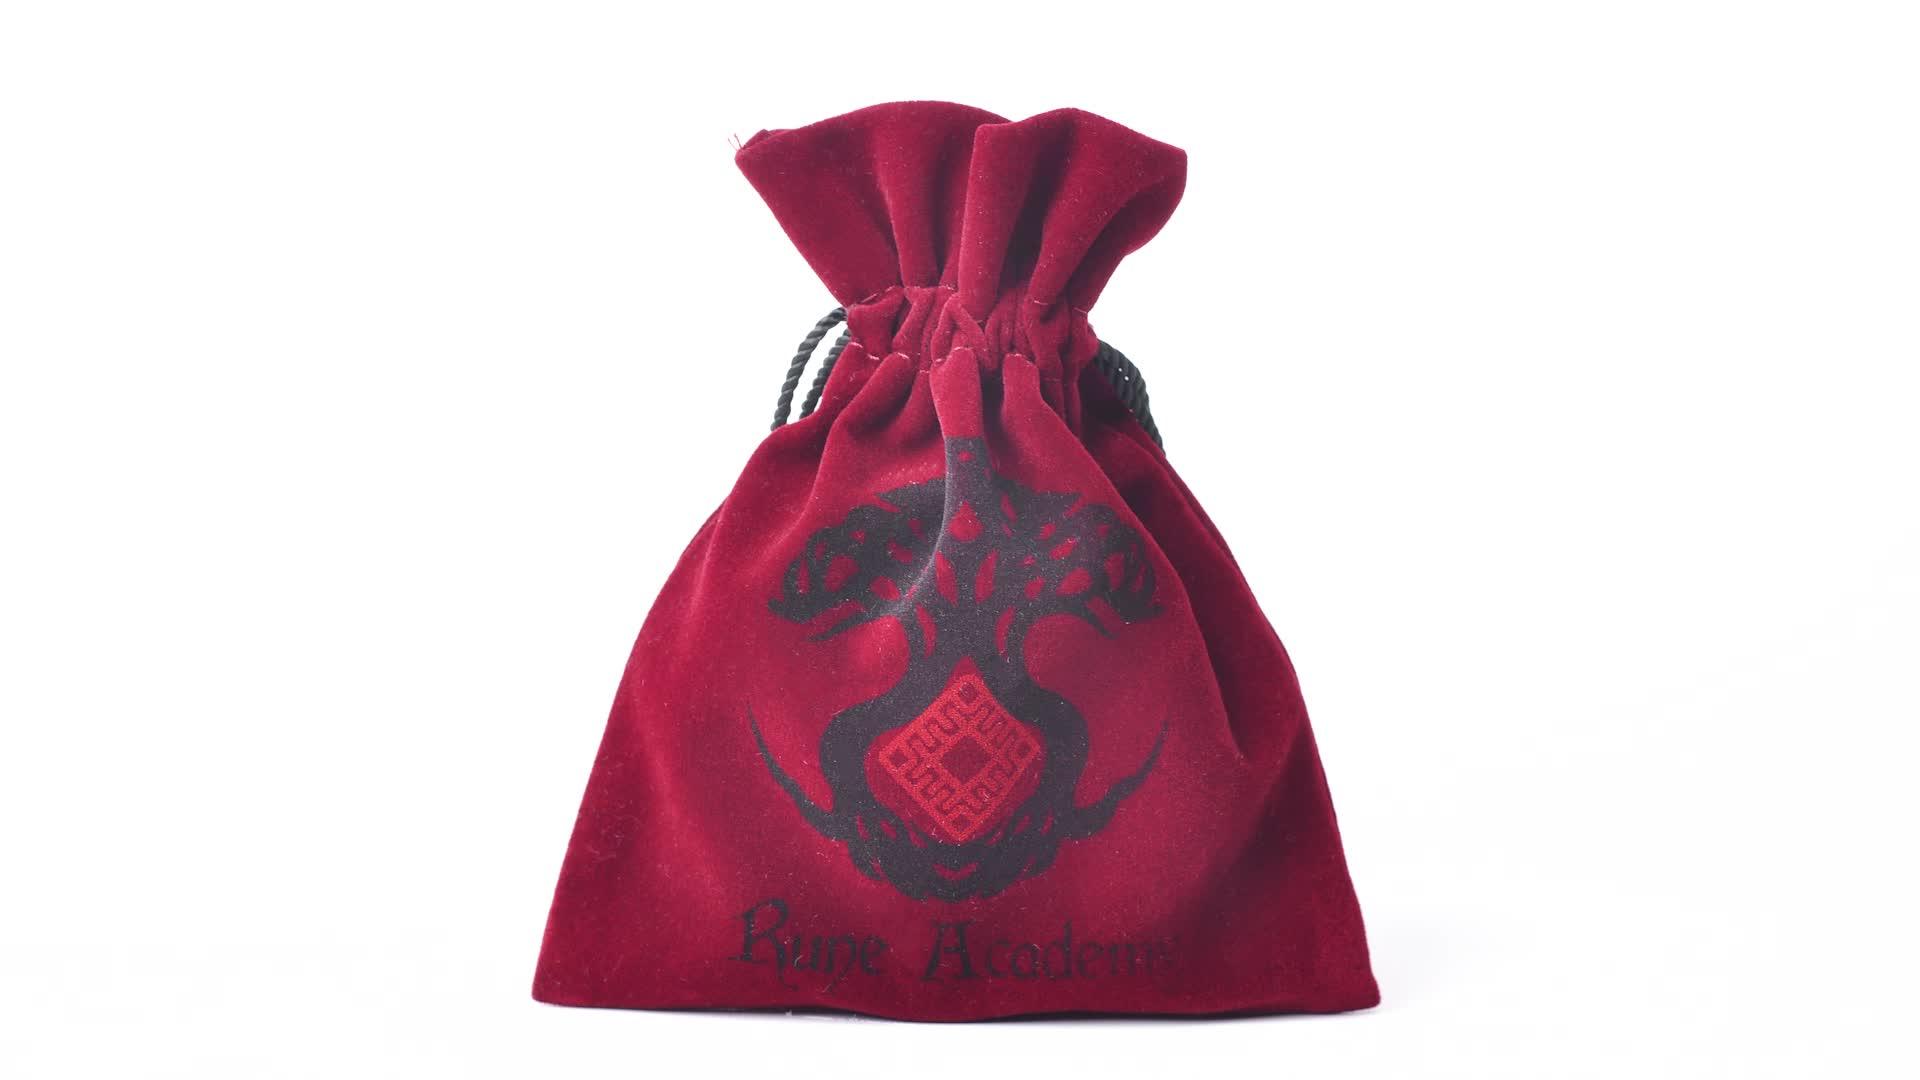 Toptan yüksek kalite 20*30cm kırmızı şarap şişesi büzme ipli kadife çanta ile püsküller süet bilezik izle toz torbası logo özel